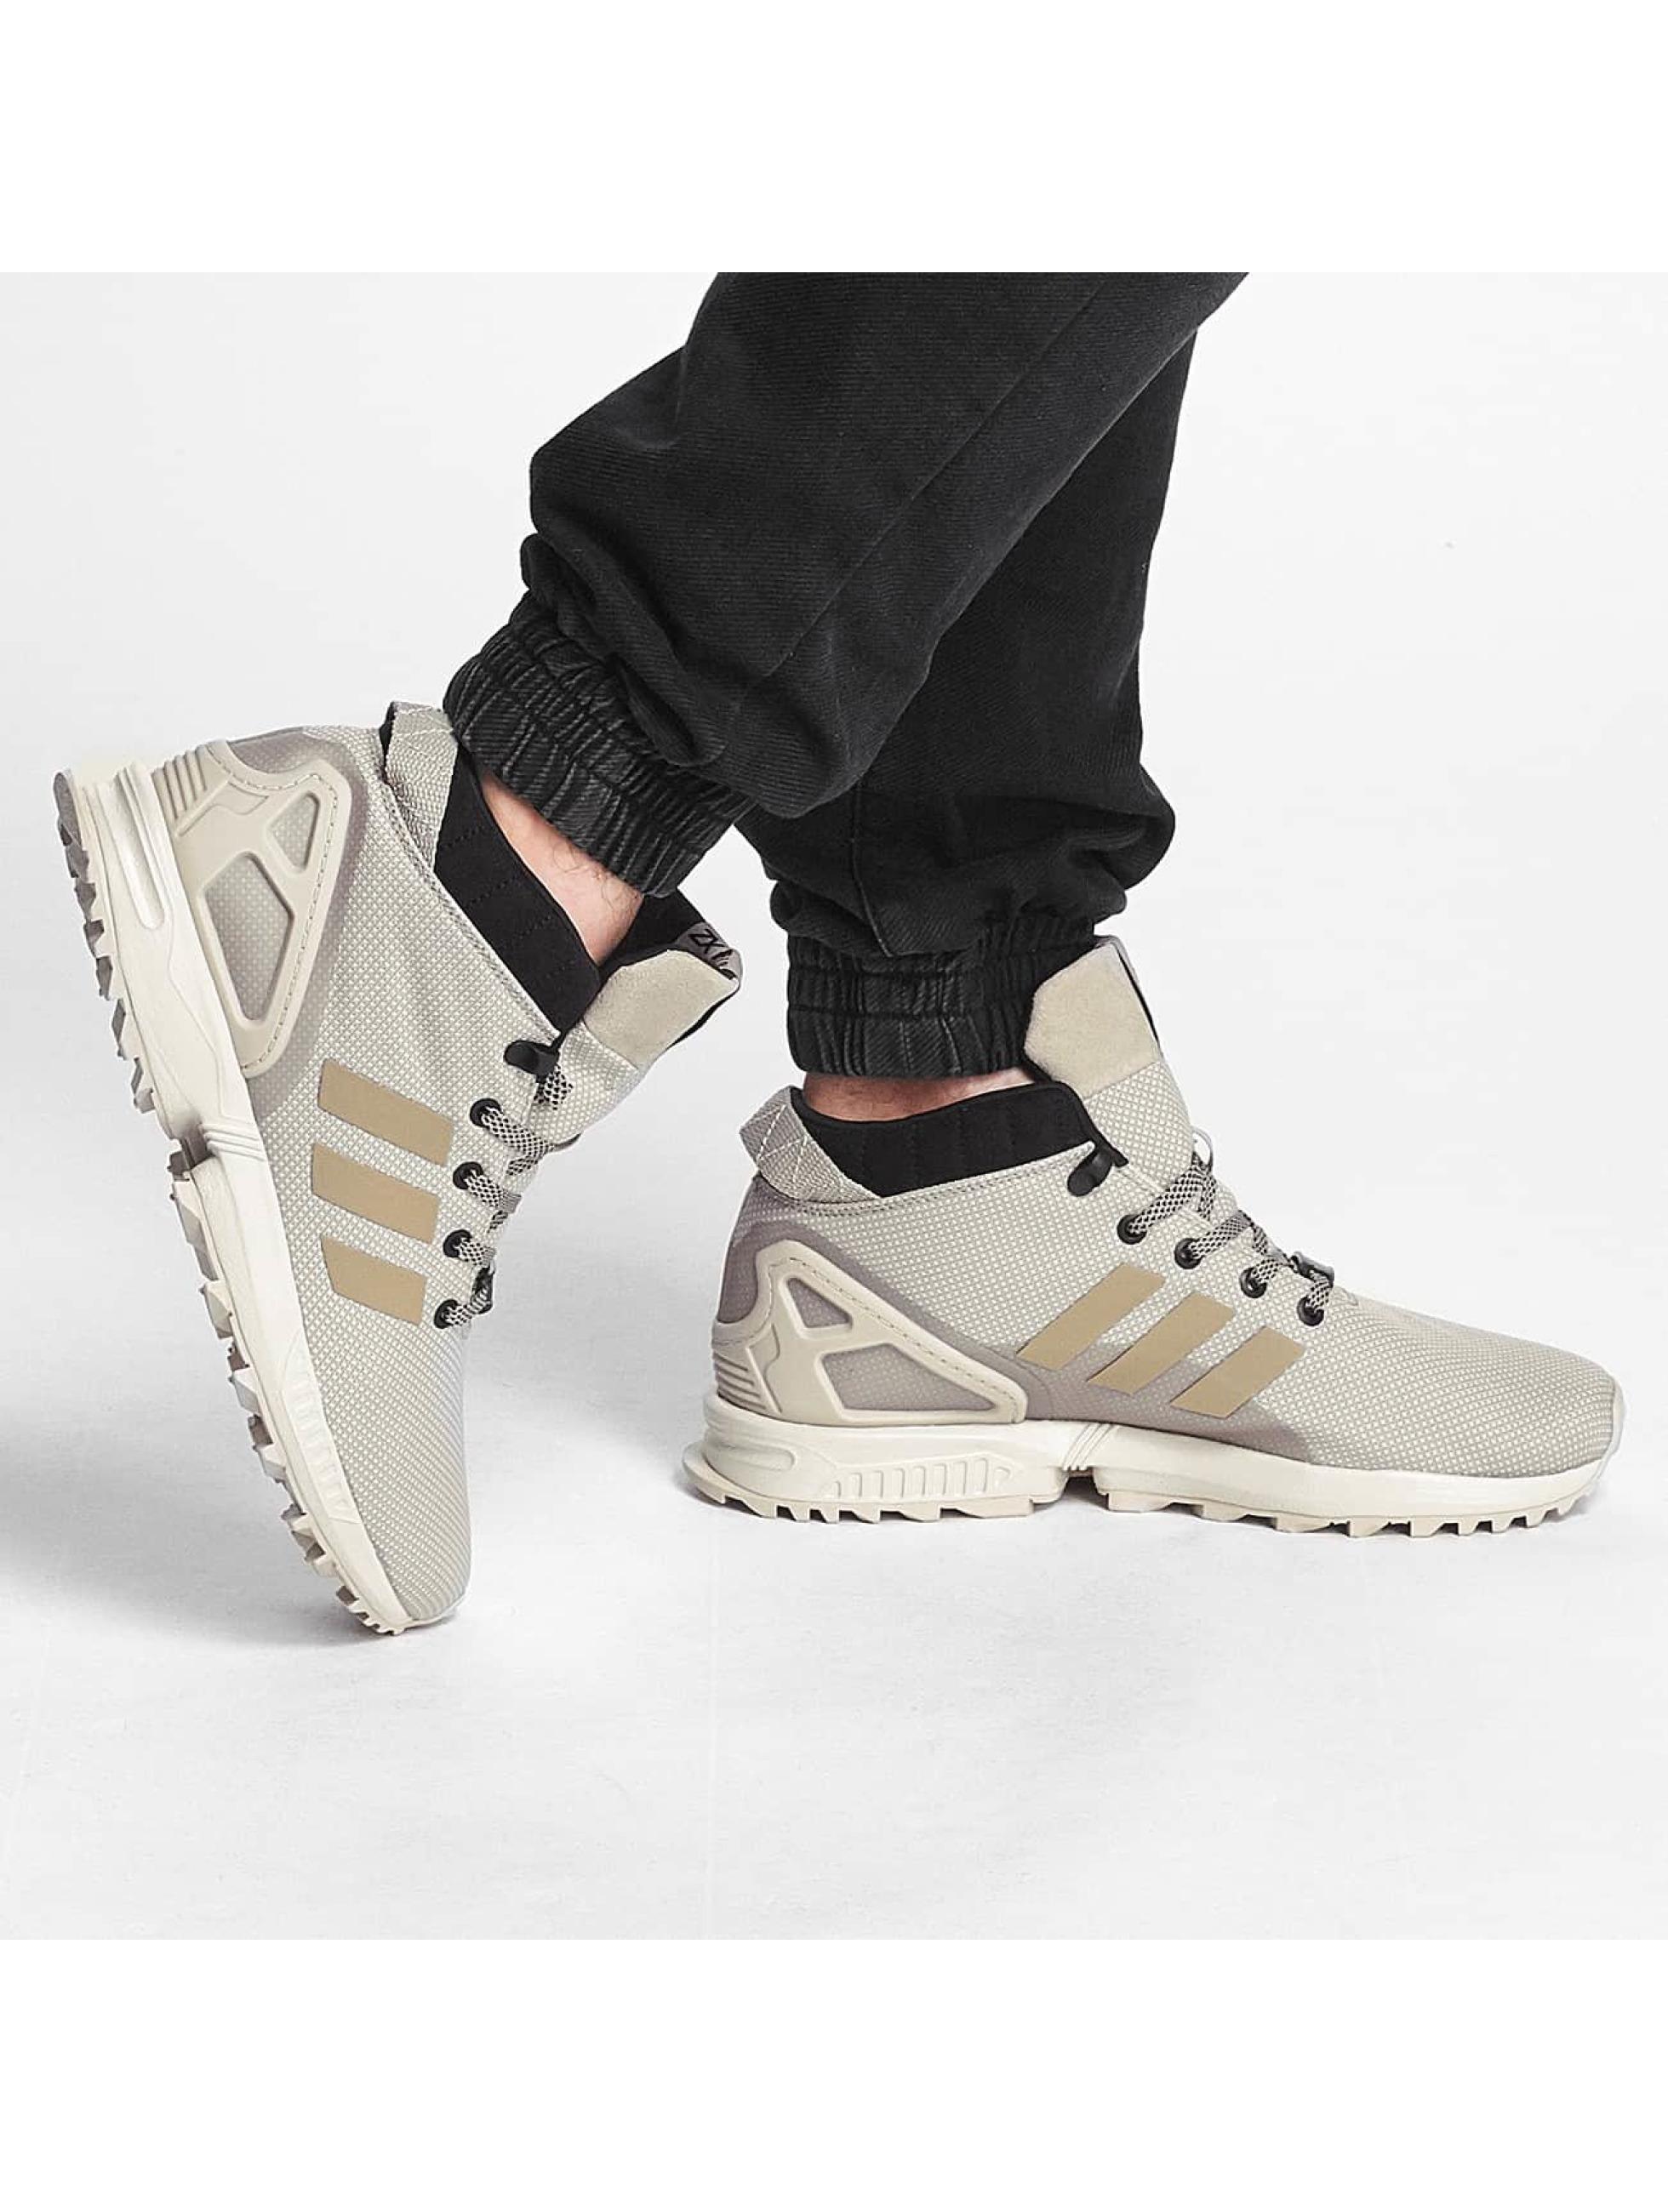 adidas herren boots zx flux 5 8 tr in beige 415655. Black Bedroom Furniture Sets. Home Design Ideas